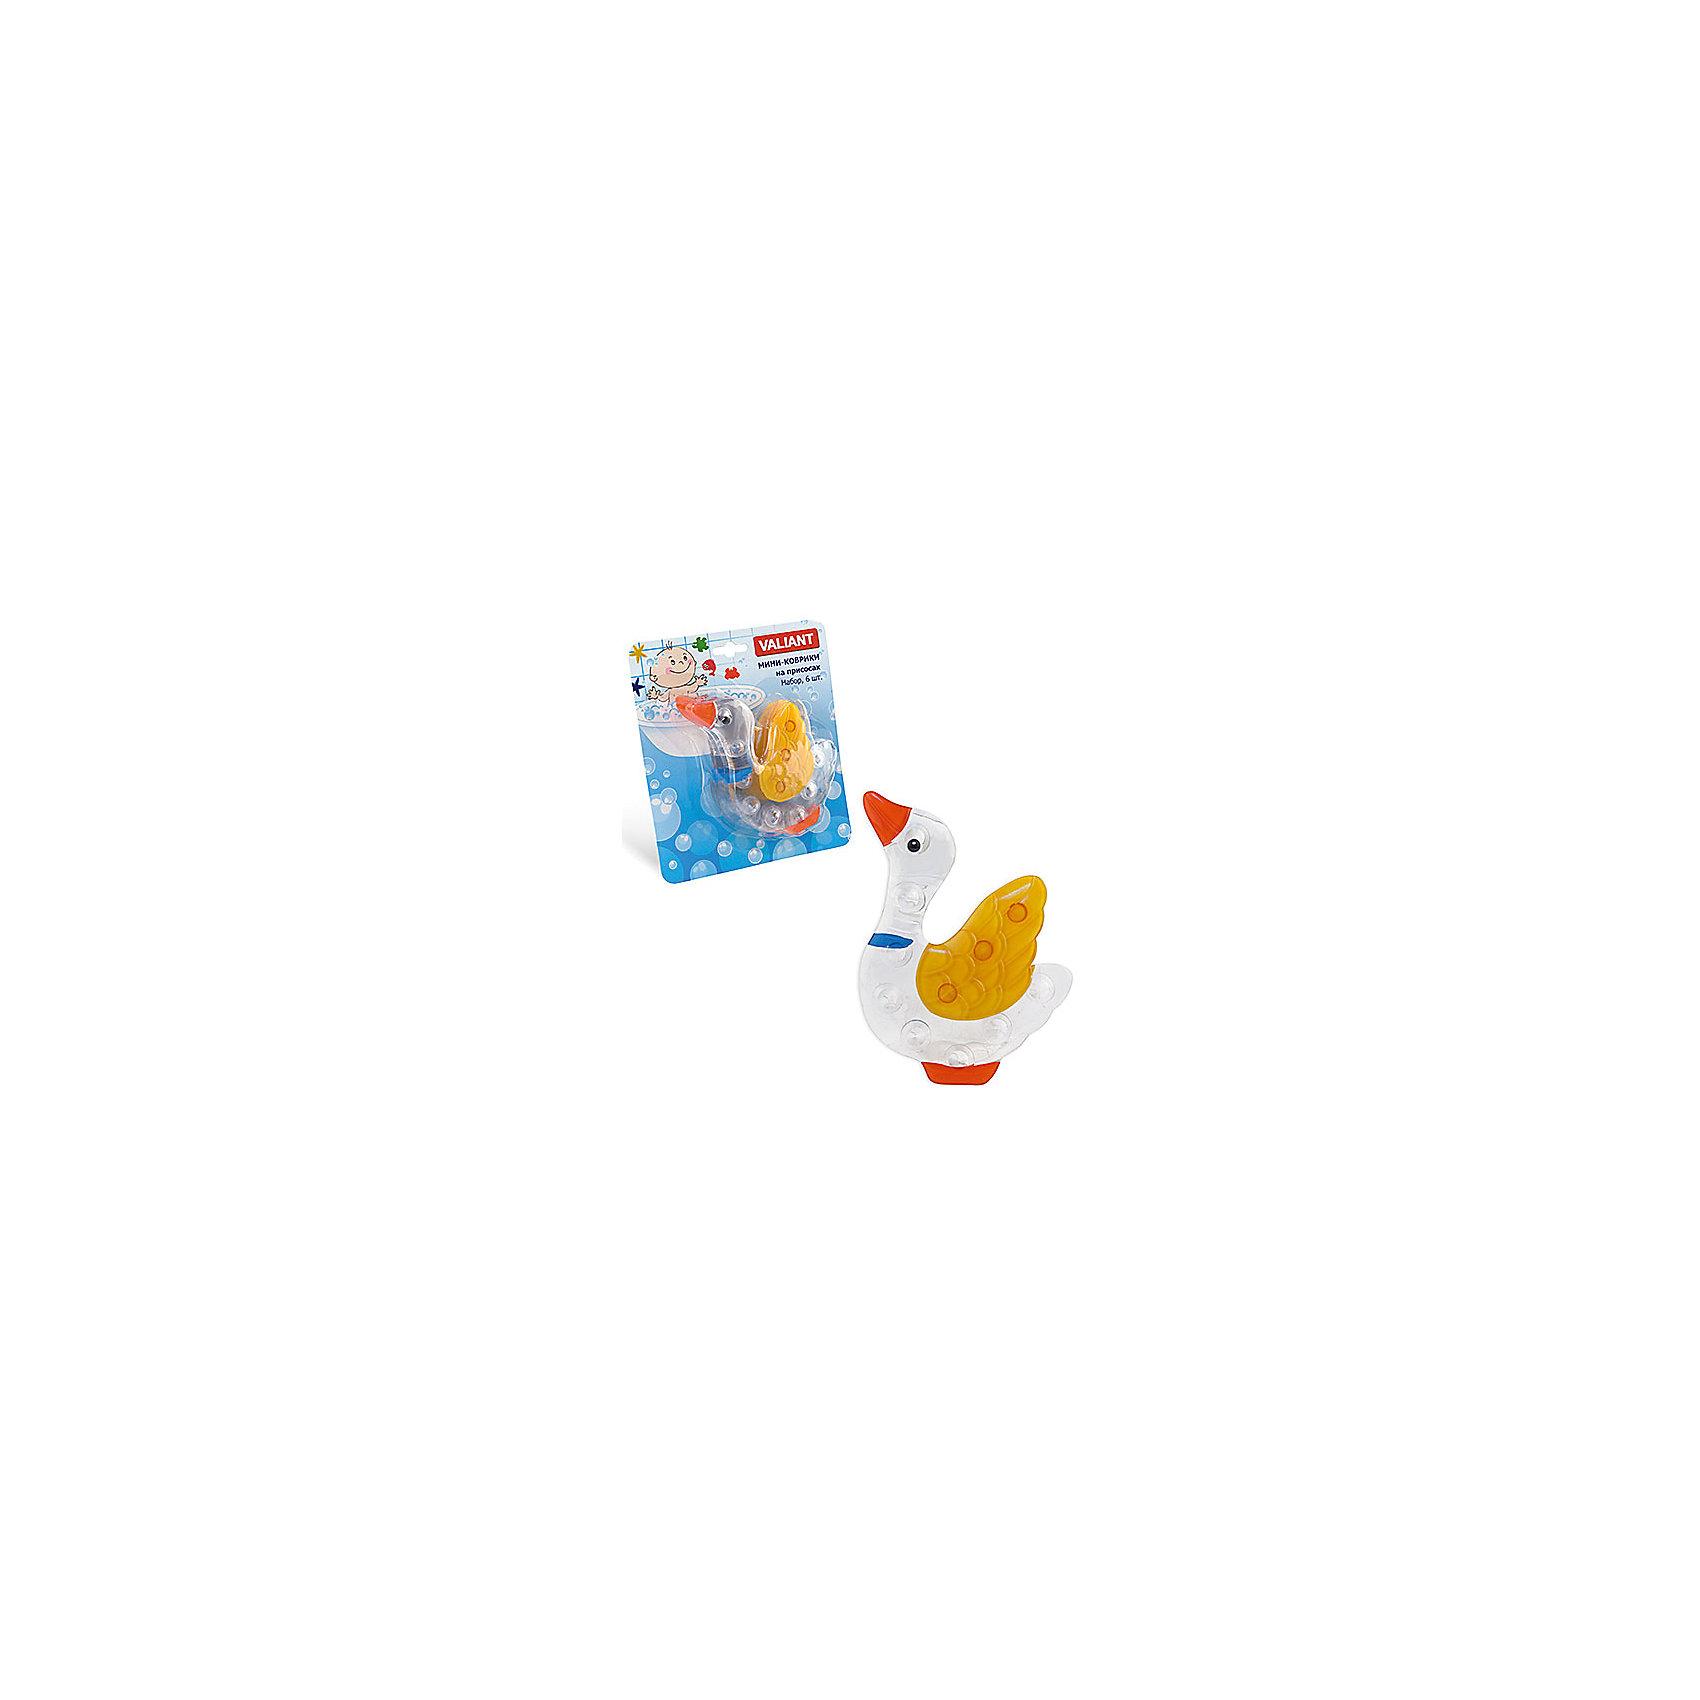 Набор ковриков Гусь на присосках (6 шт)Ванная комната<br>Мини-коврики для ванной комнаты - это яркое дополнение к купанию малыша. Это и игра и развитие моторики и изучение зверушек. <br>Колоссальный и постоянно растущий спрос на них обусловлен реакцией малышей и их мам на данное изобретение по всему миру.<br>Мини-коврики снабжены присосками и превосходно клеятся на влажный кафель.<br><br>Ширина мм: 120<br>Глубина мм: 130<br>Высота мм: 40<br>Вес г: 191<br>Возраст от месяцев: -2147483648<br>Возраст до месяцев: 2147483647<br>Пол: Унисекс<br>Возраст: Детский<br>SKU: 4563313